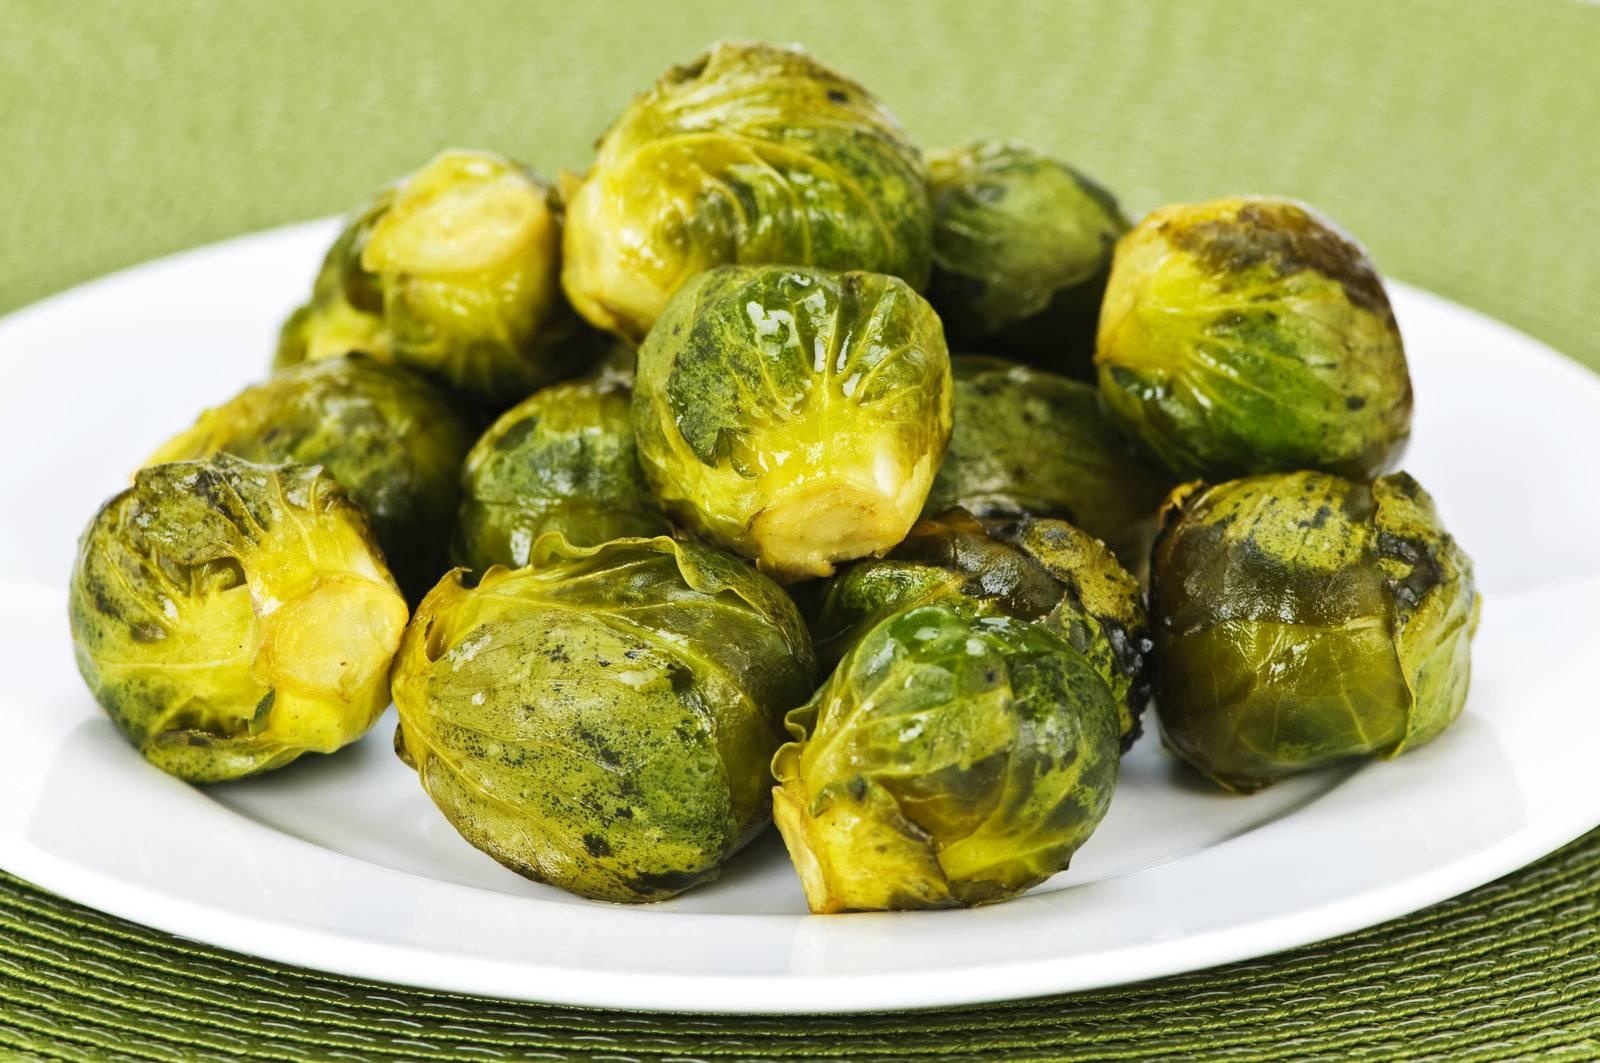 Brussels sprossen, Brüssel, grün, sprouts, geröstet, gekocht - D851080